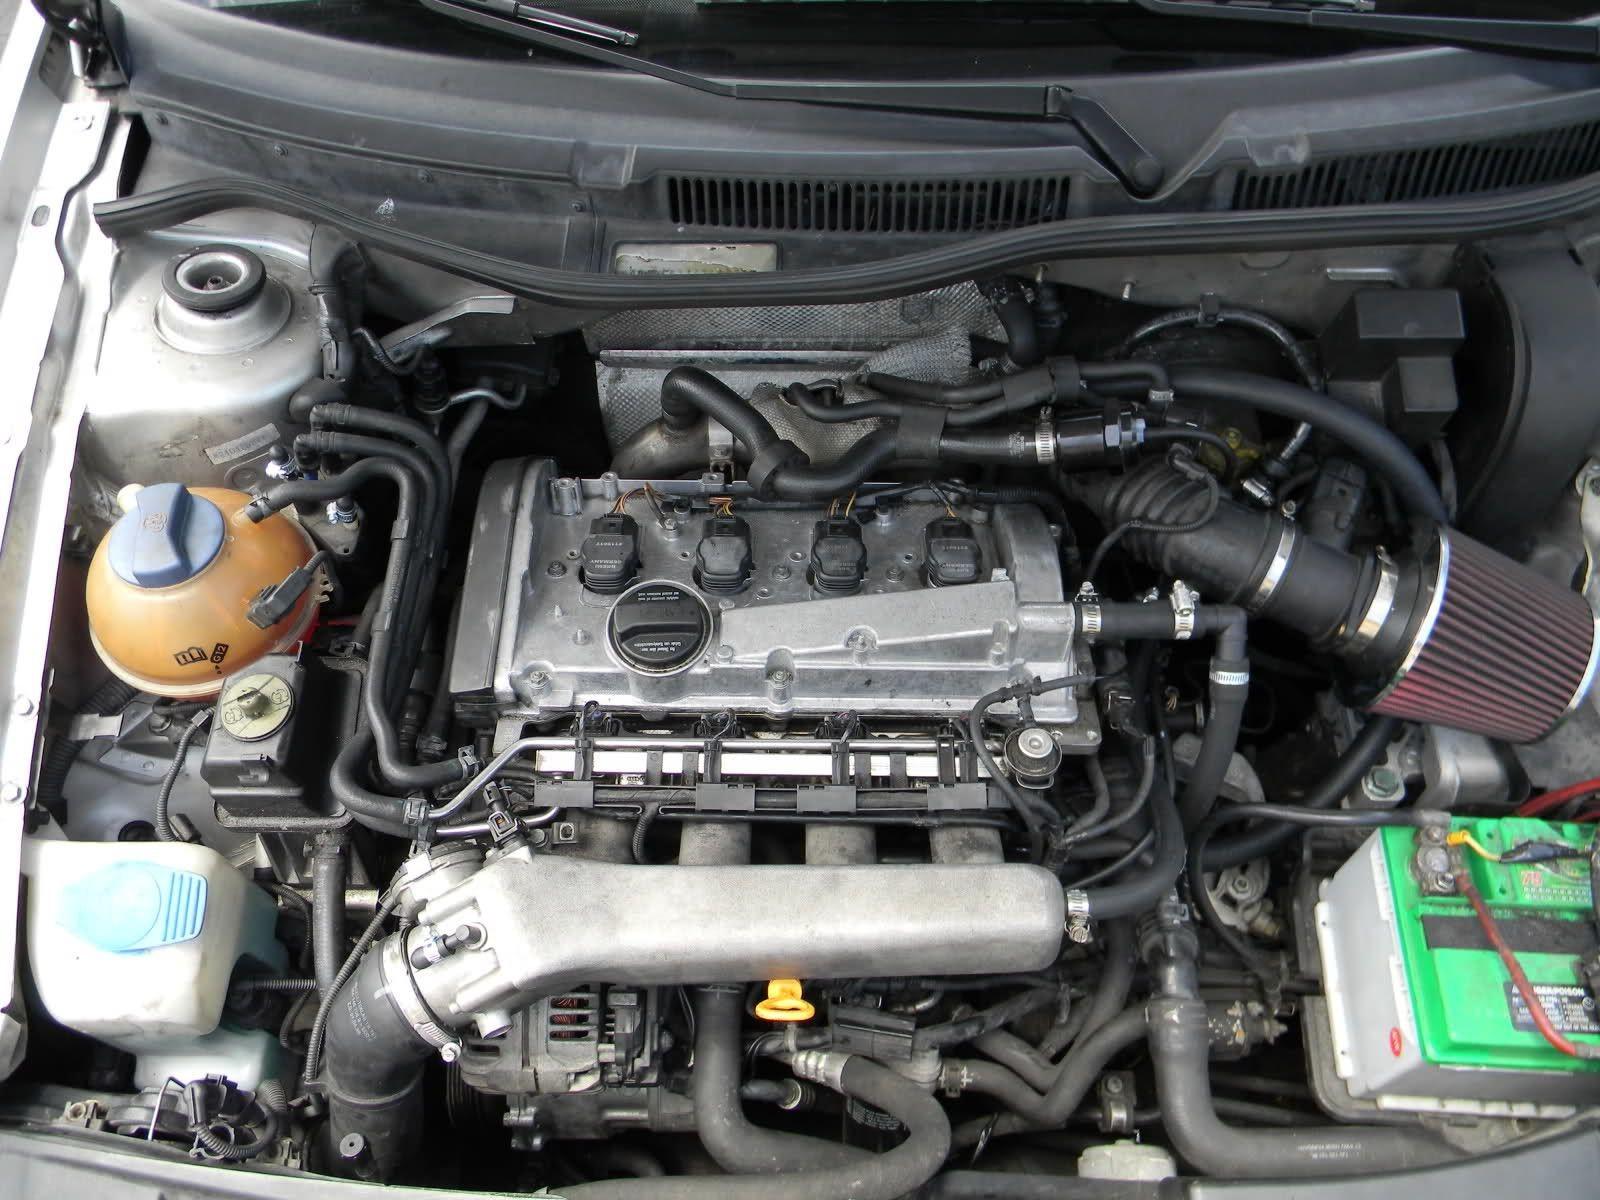 GS_9156] Volkswagen 1 8T Engine Diagram Download Diagram